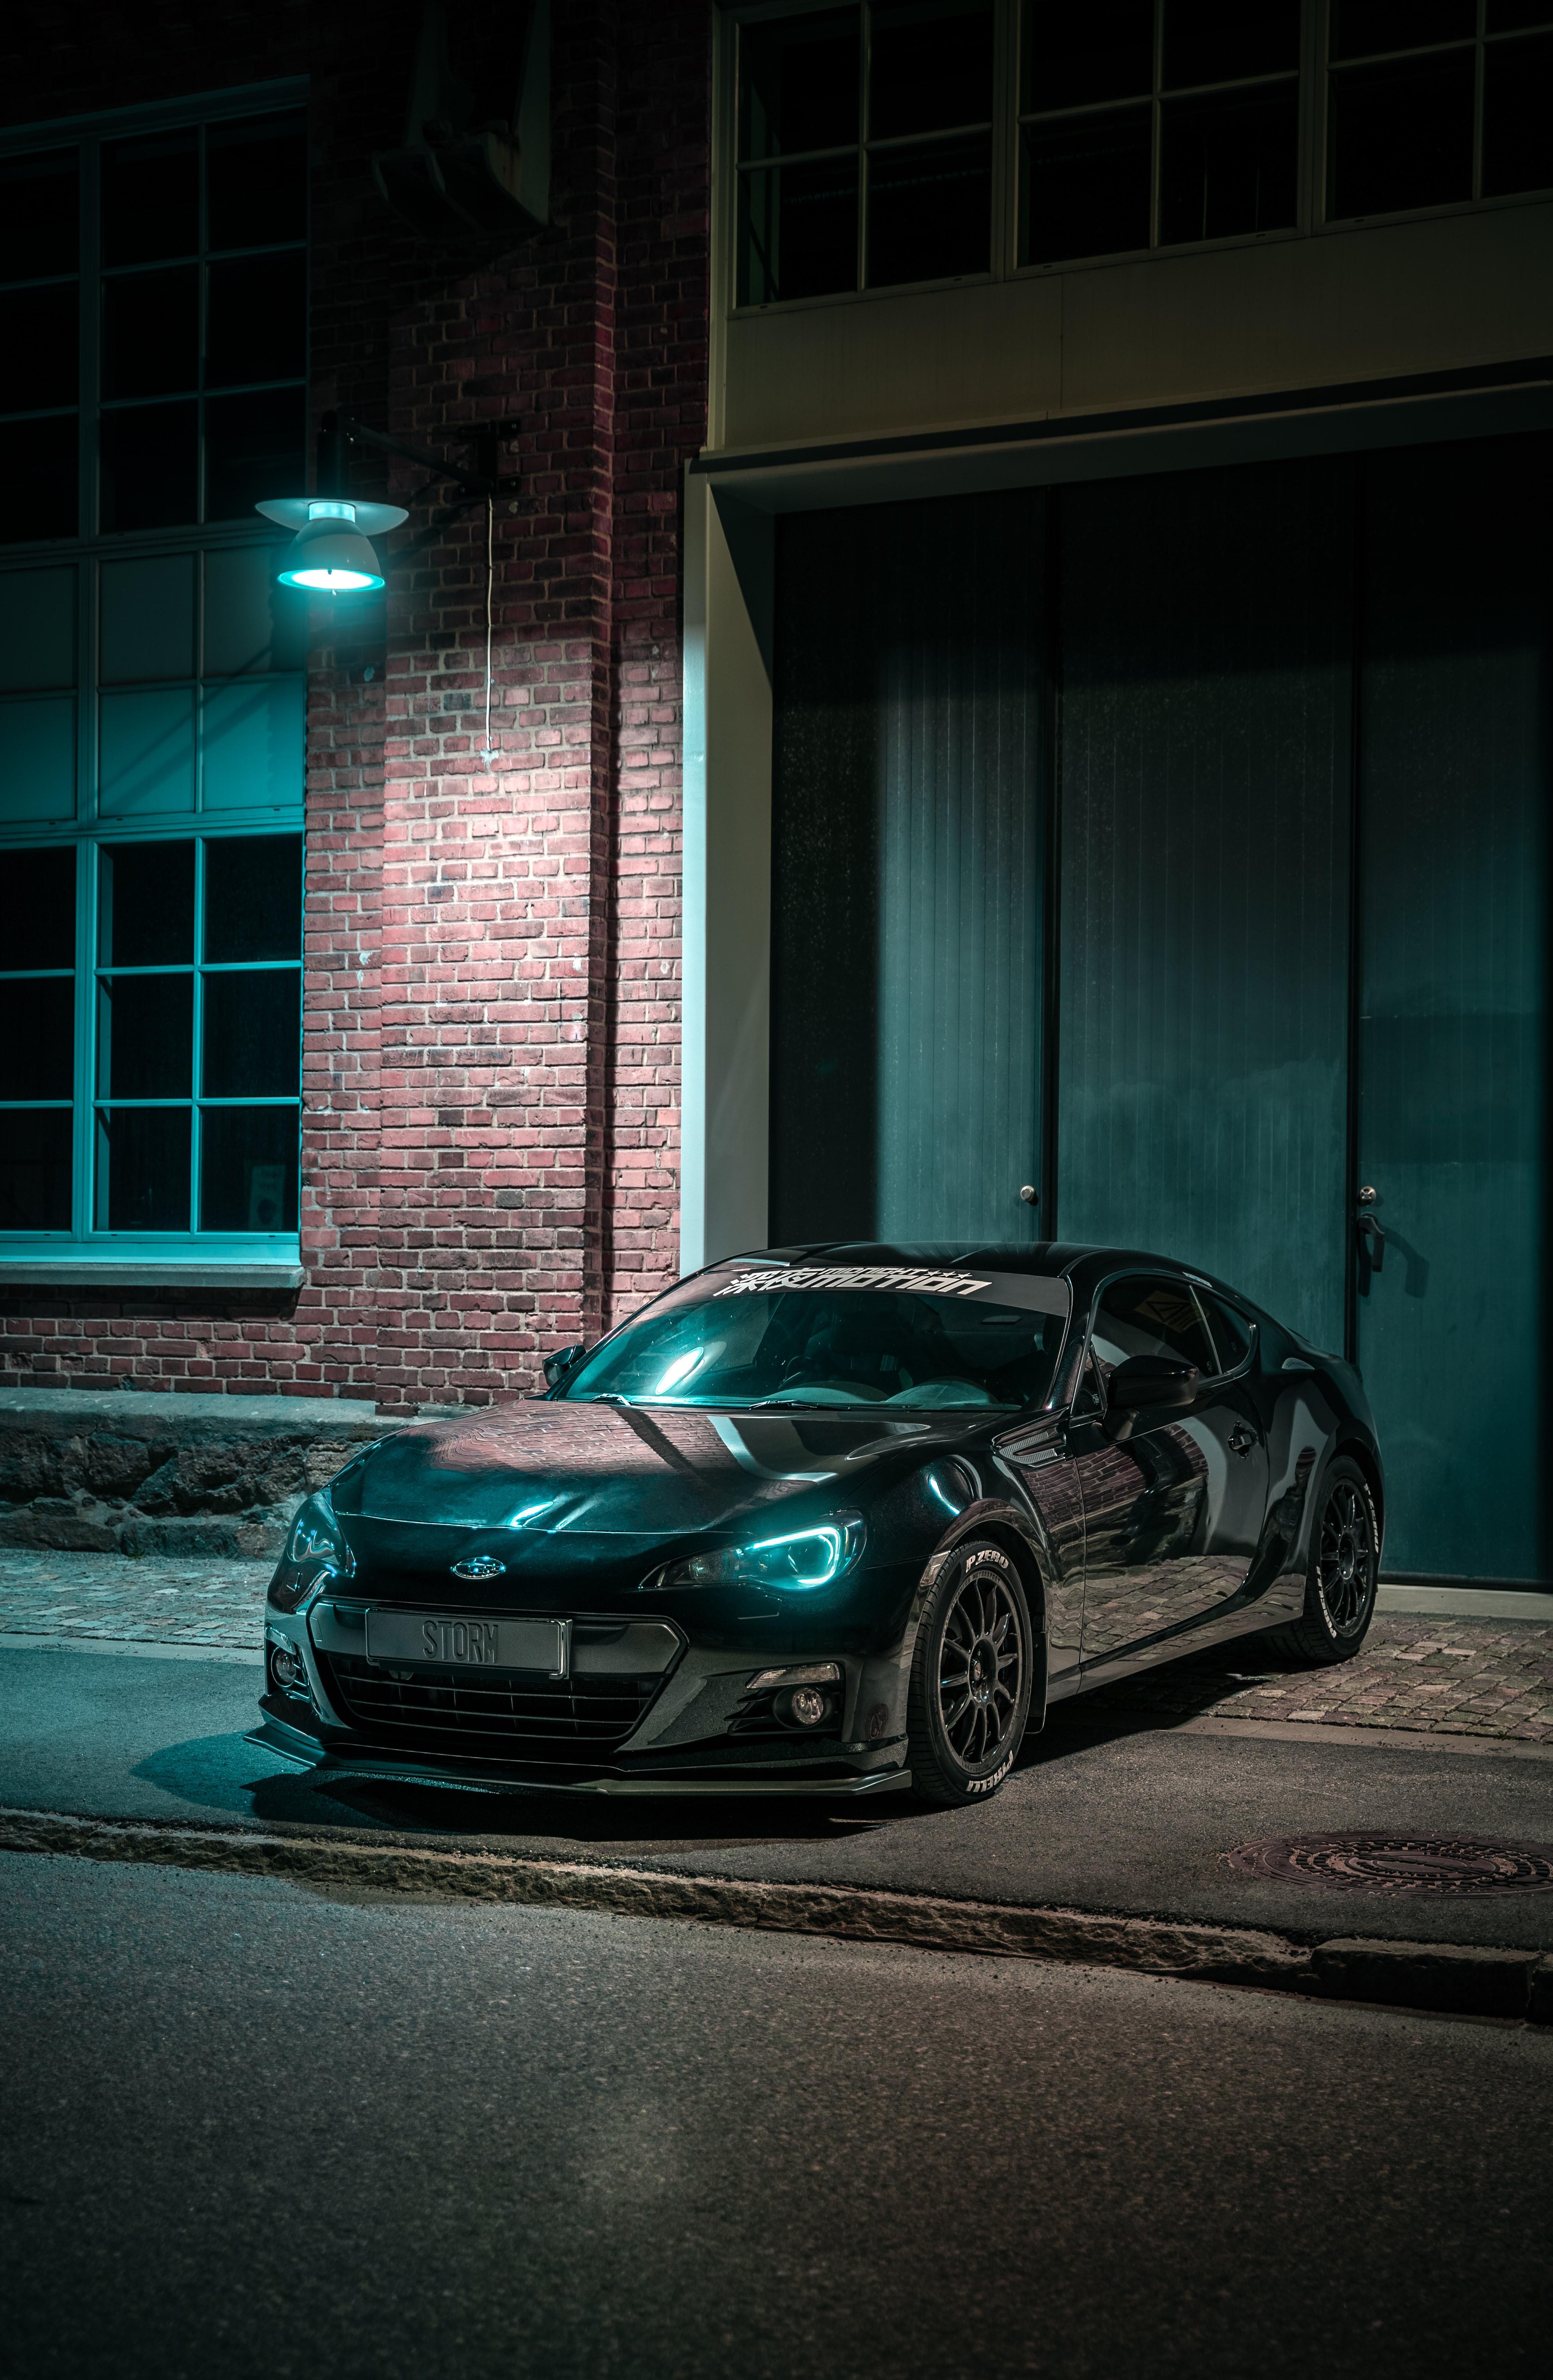 110766 Hintergrundbild herunterladen Auto, Übernachtung, Subaru, Cars, Scheinen, Licht, Wagen, Das Schwarze - Bildschirmschoner und Bilder kostenlos